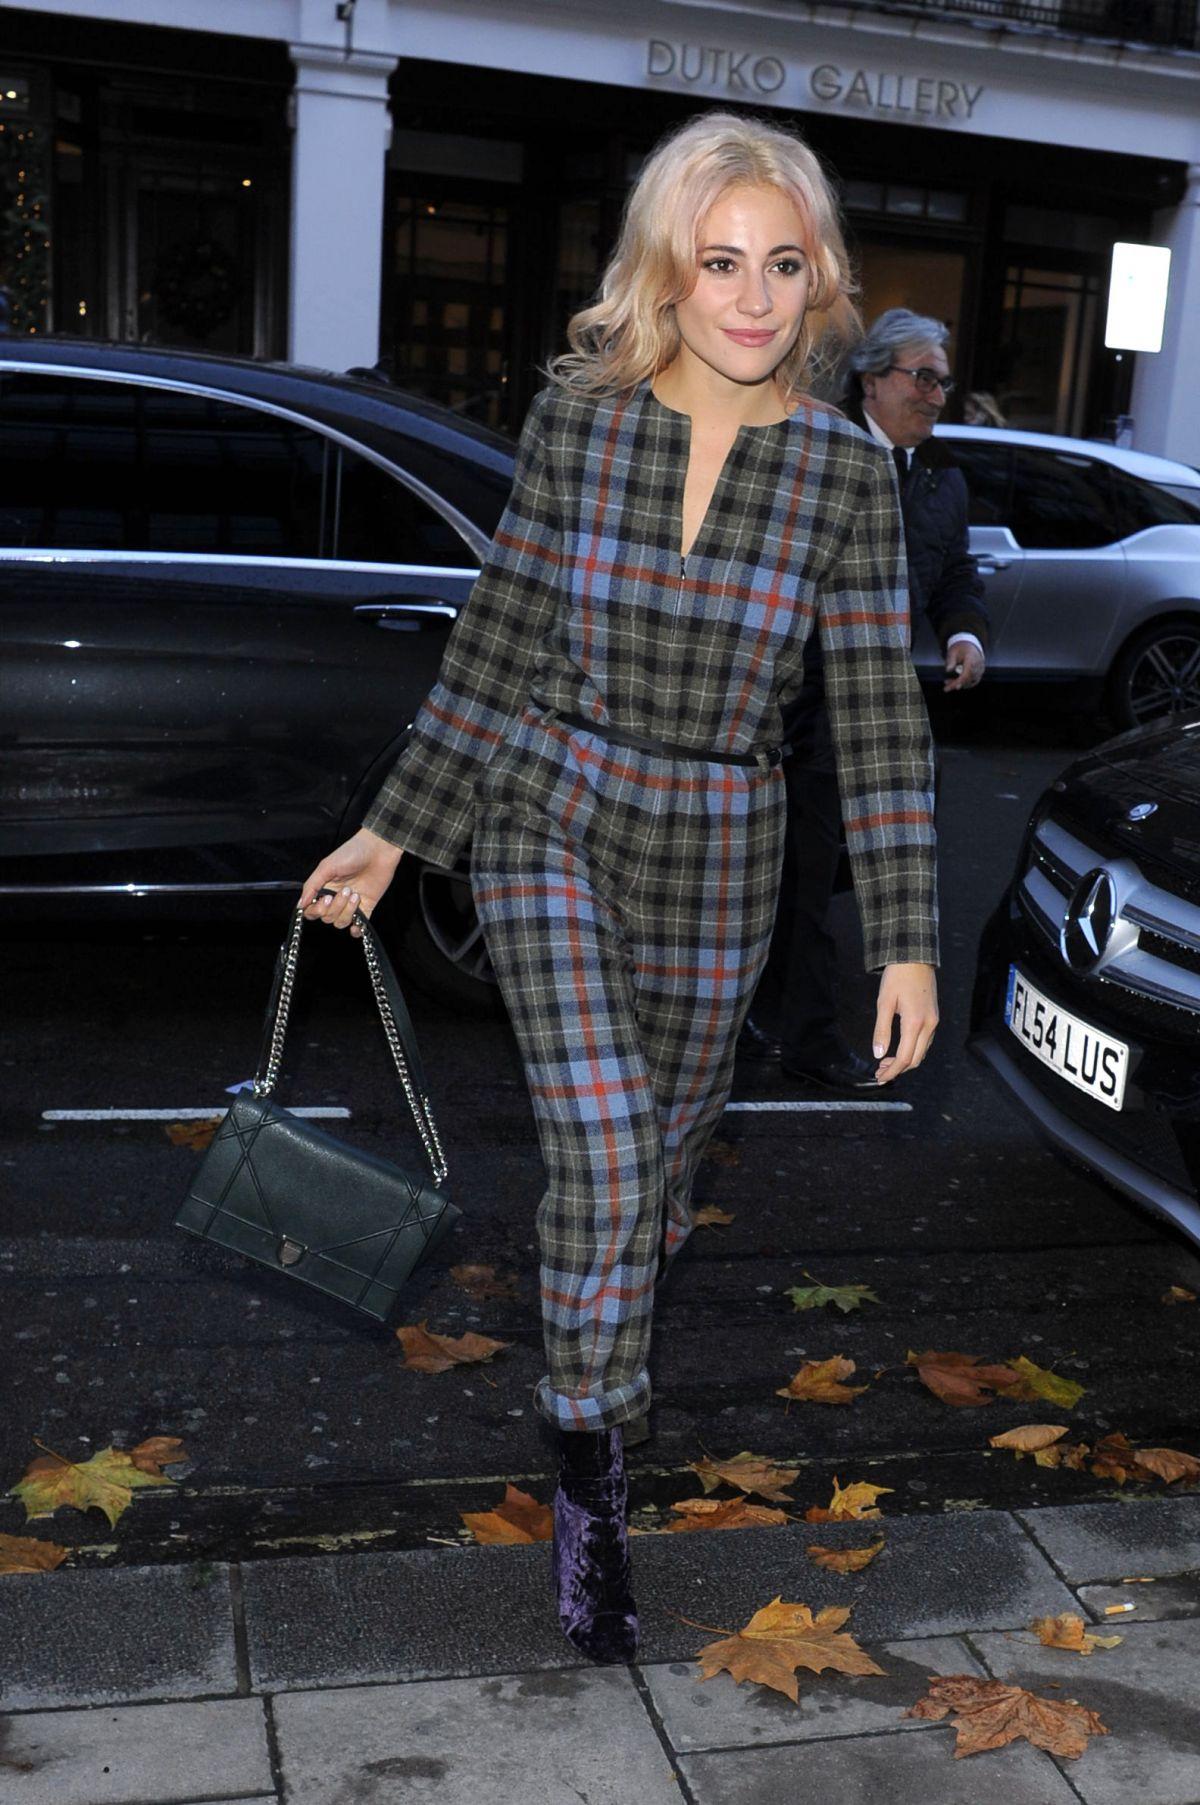 PIXIE LOTT Leaving C Restaurant in London 11/13/2015